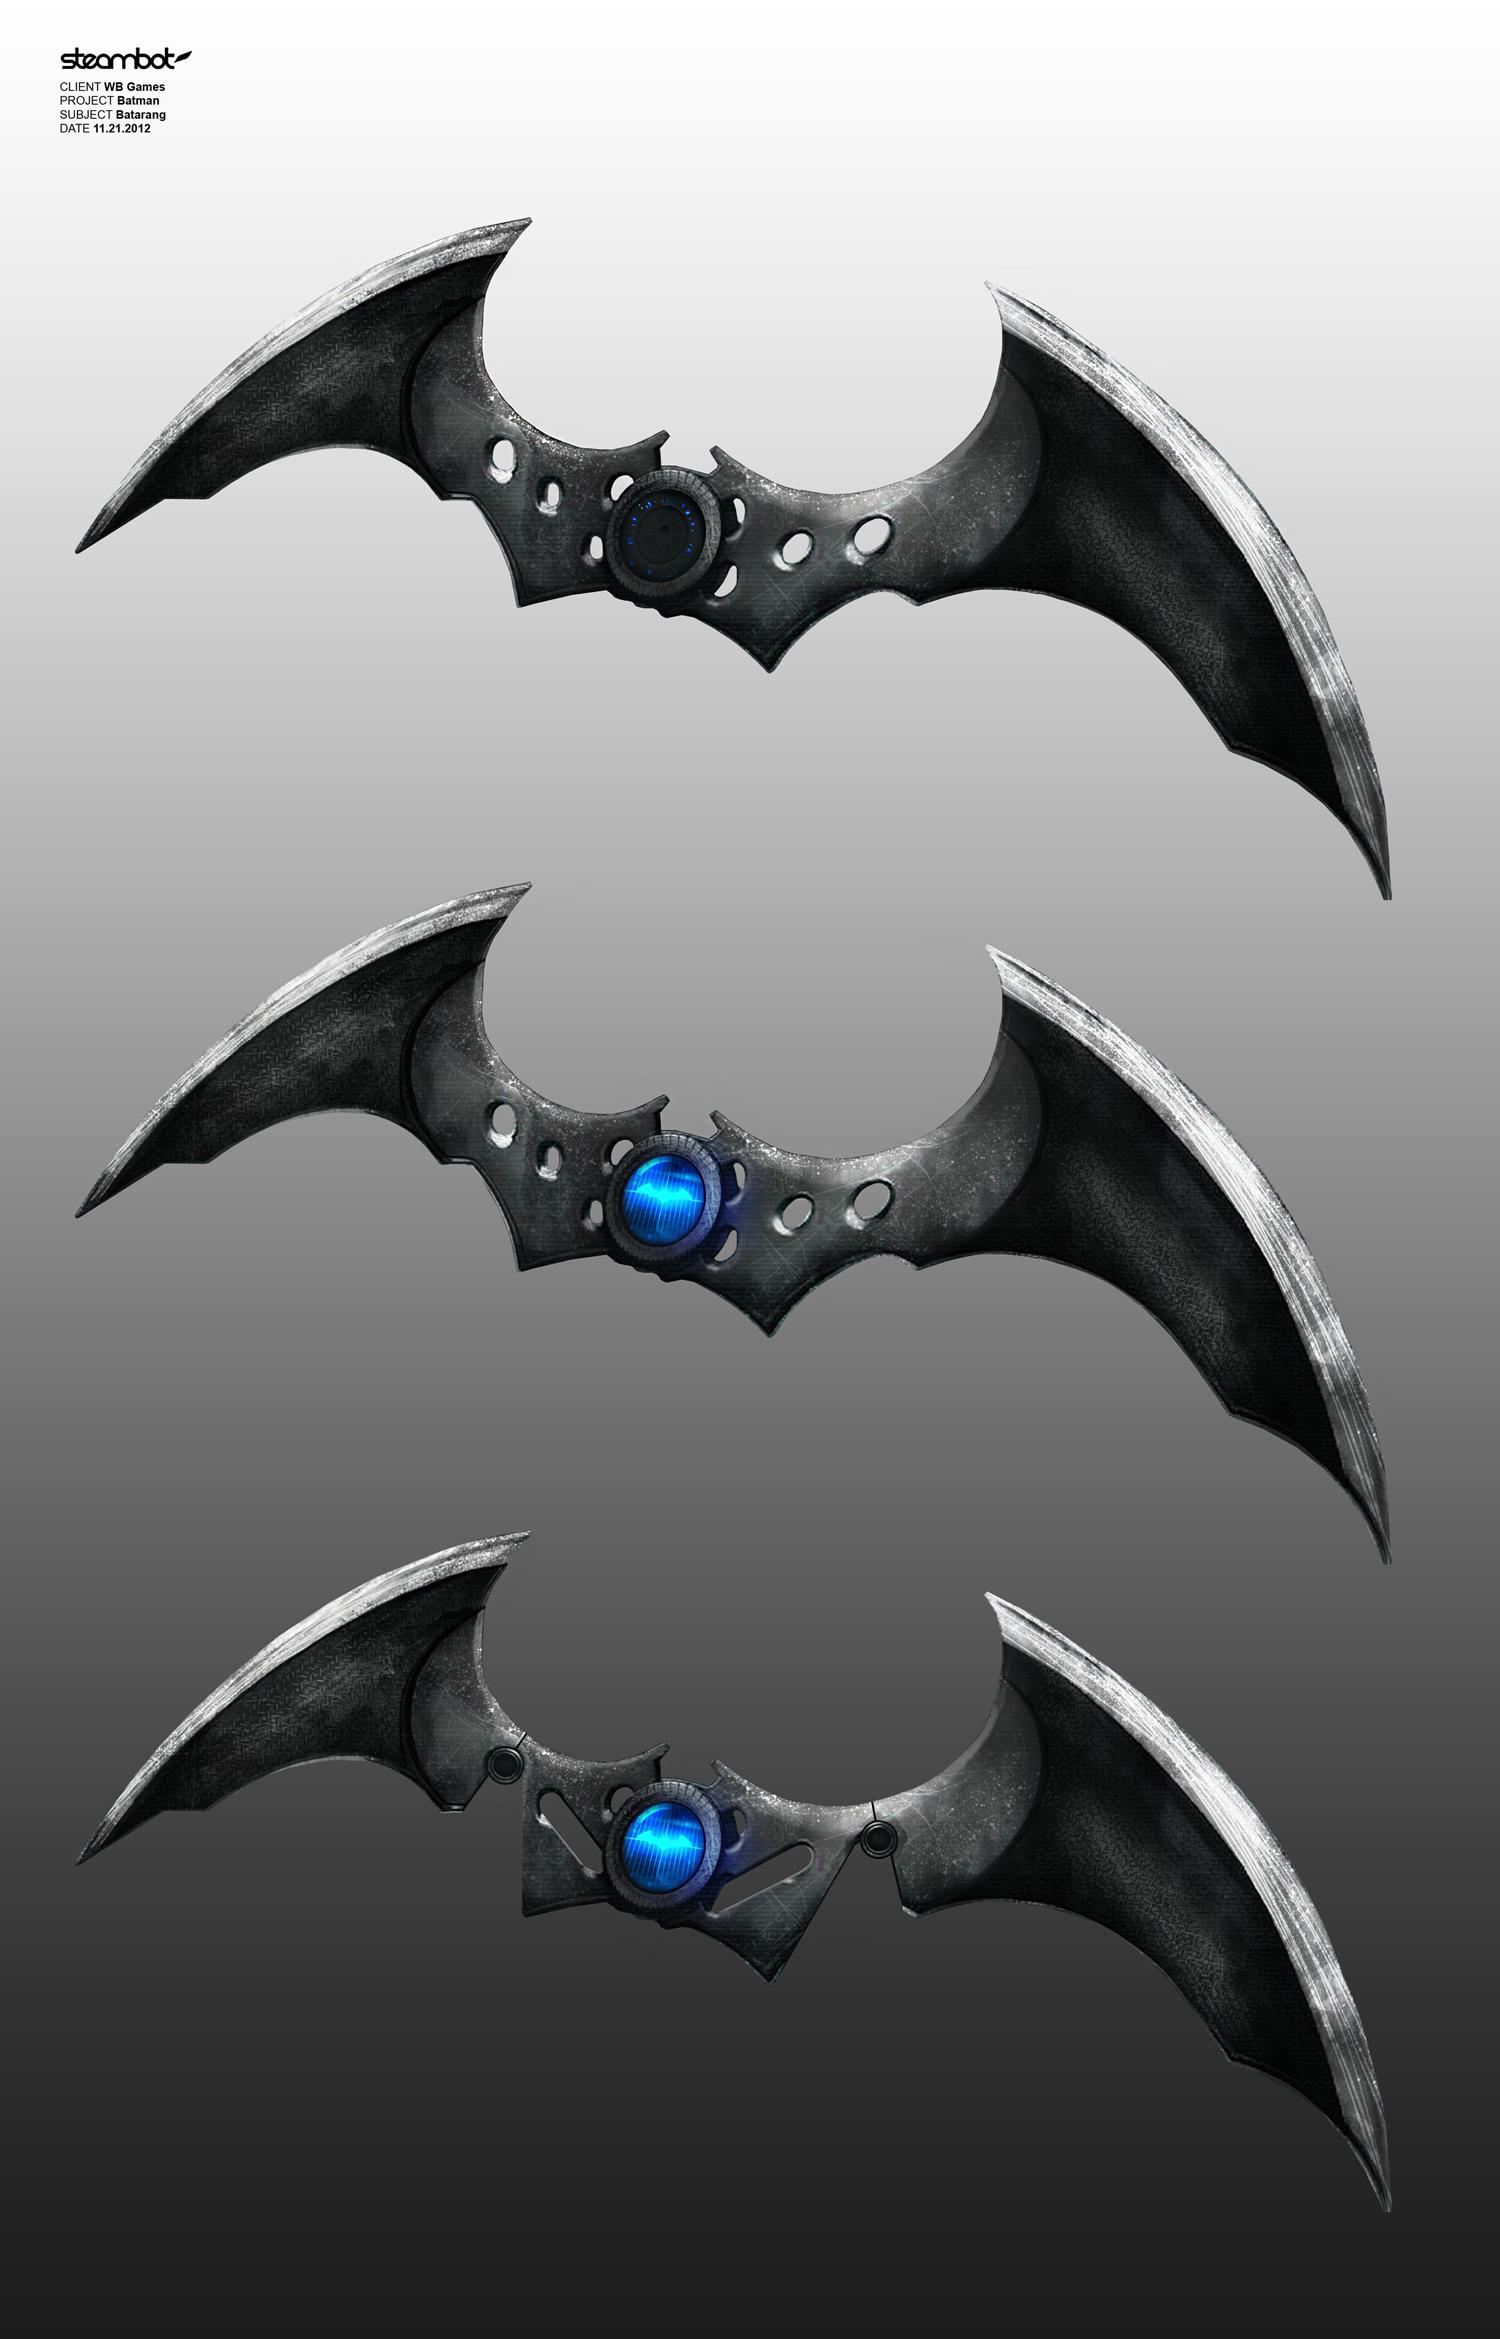 Batarang_PO_SebLarroude_11-21-2012_01